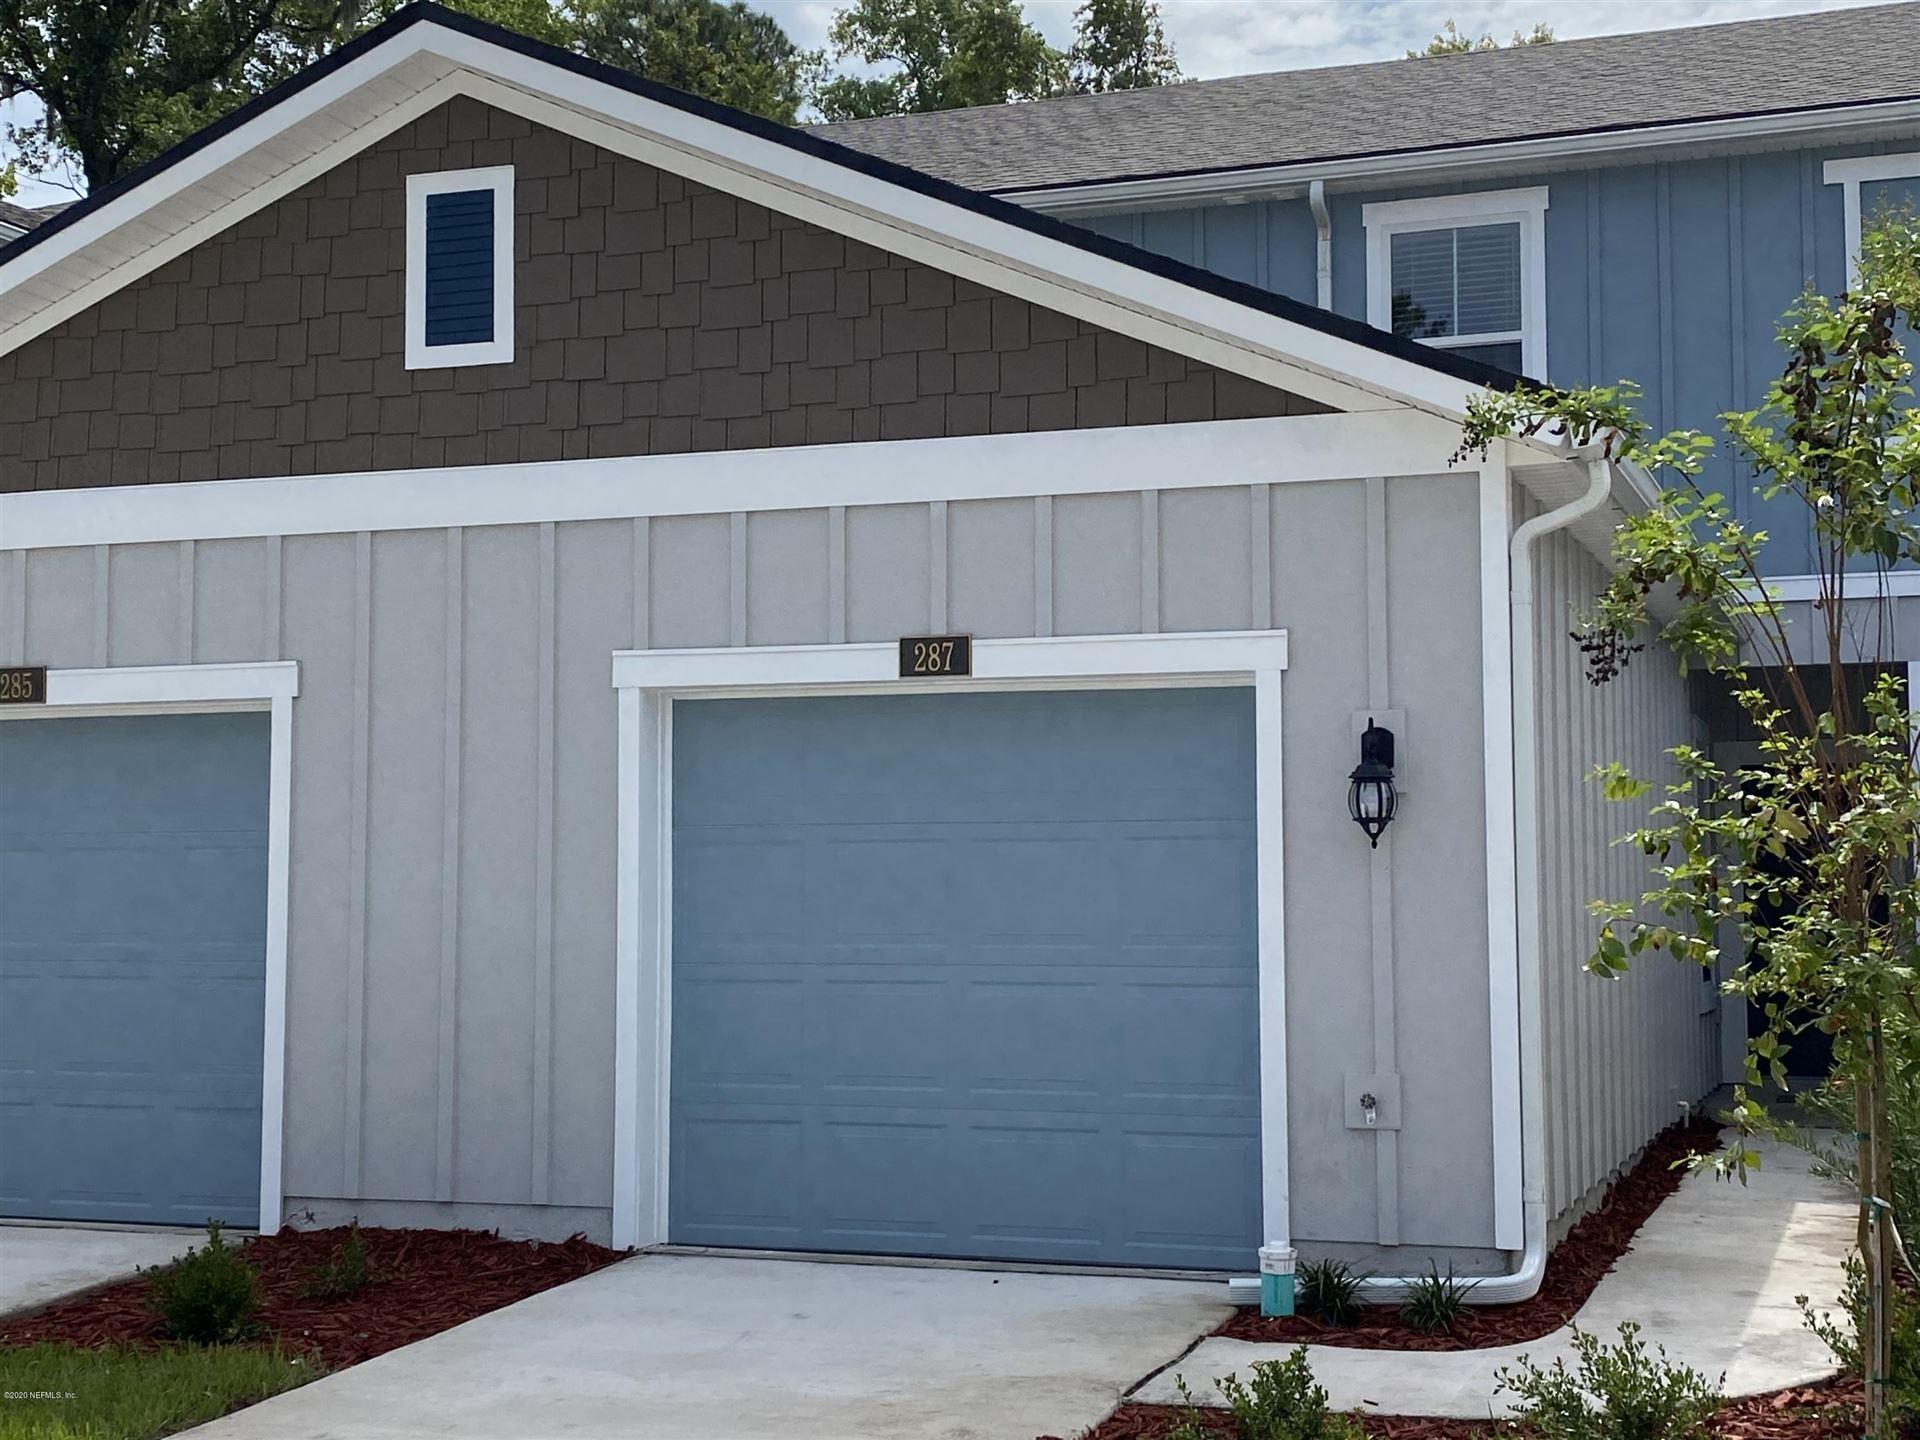 287 PISTACHIO PL #Lot No: 27, Jacksonville, FL 32216 - MLS#: 1050151